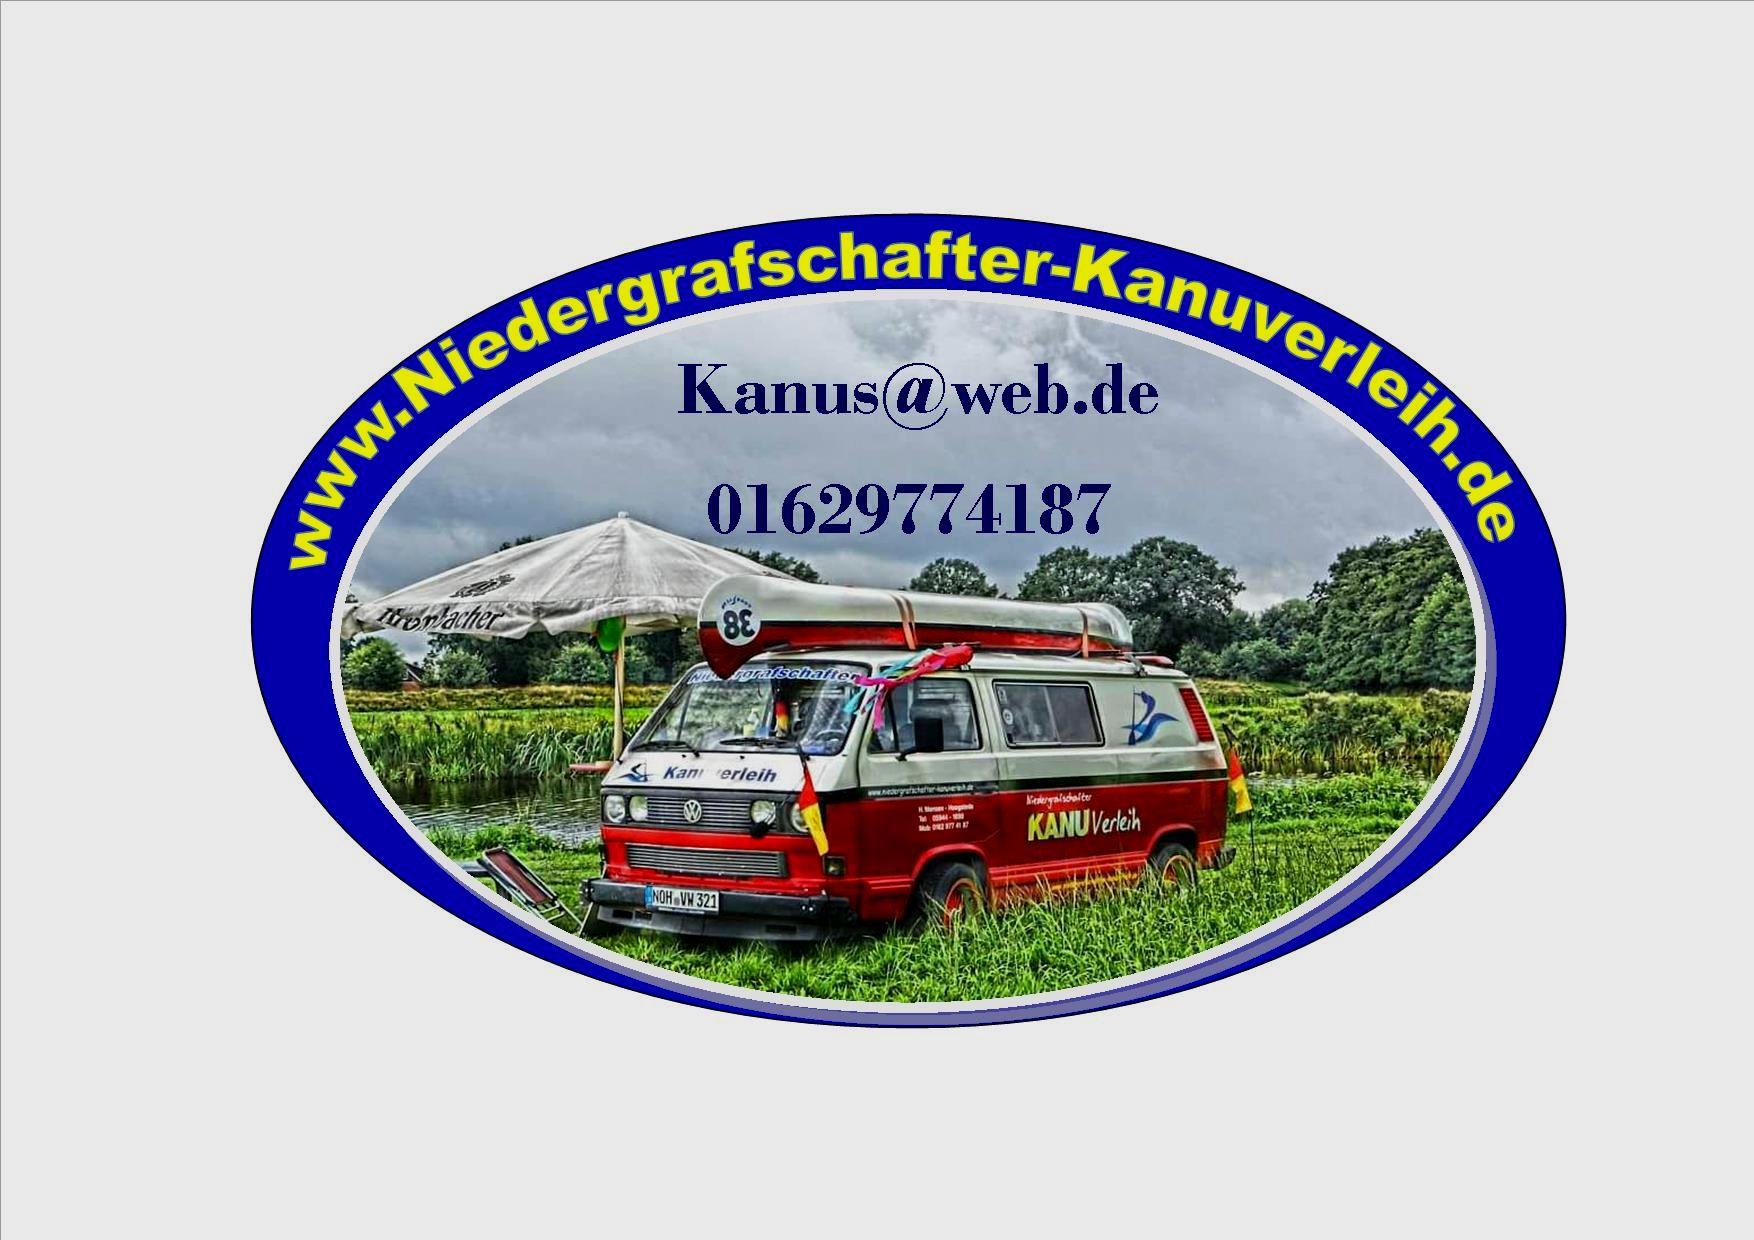 Niedergrafschafter-Kanuverleih